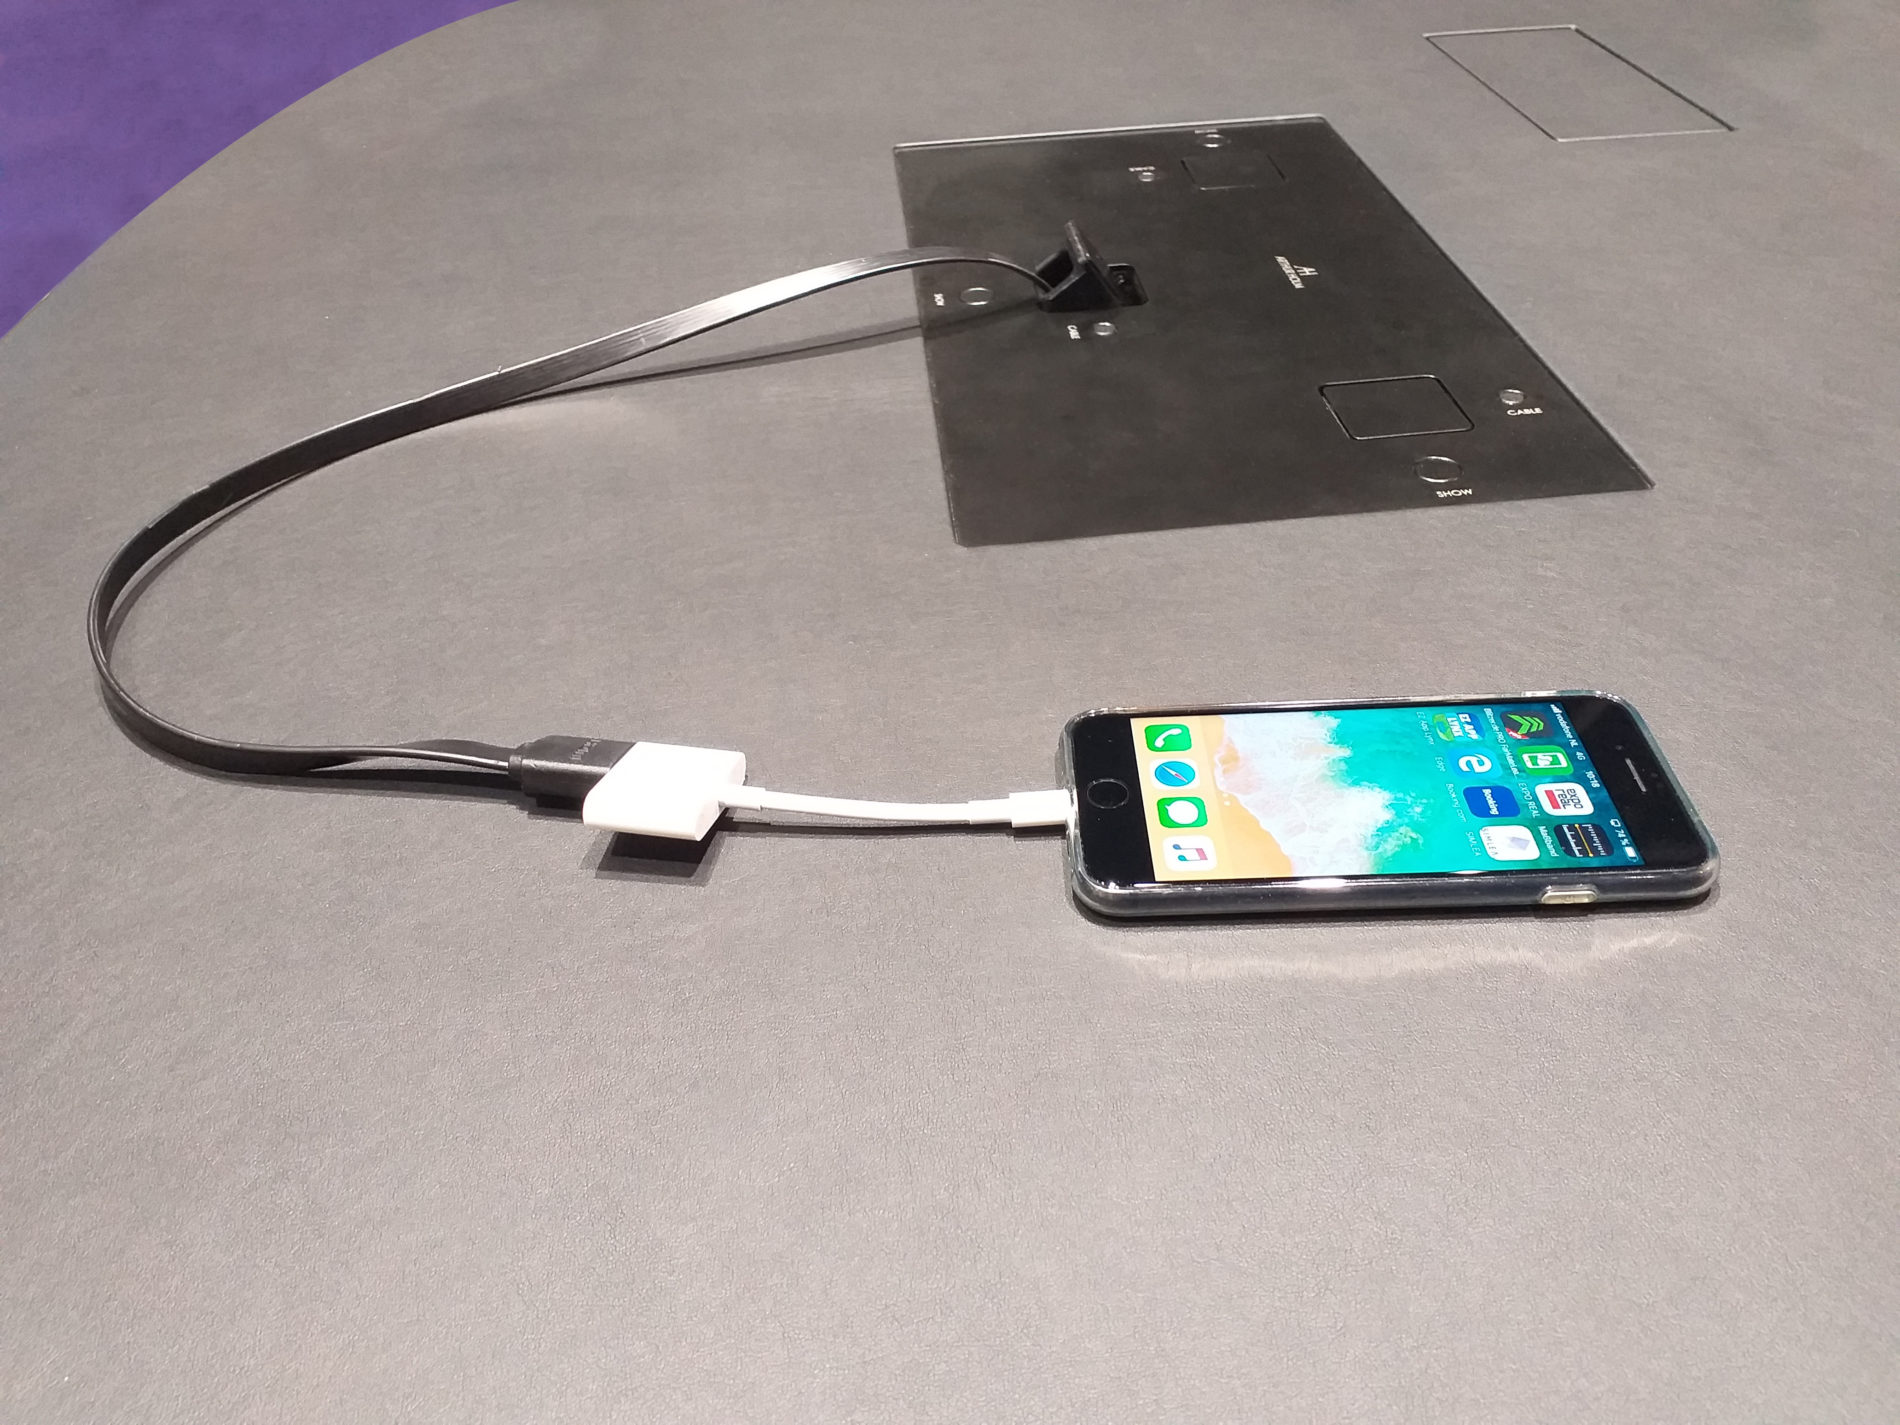 Einziehbares HDMI-Kabel